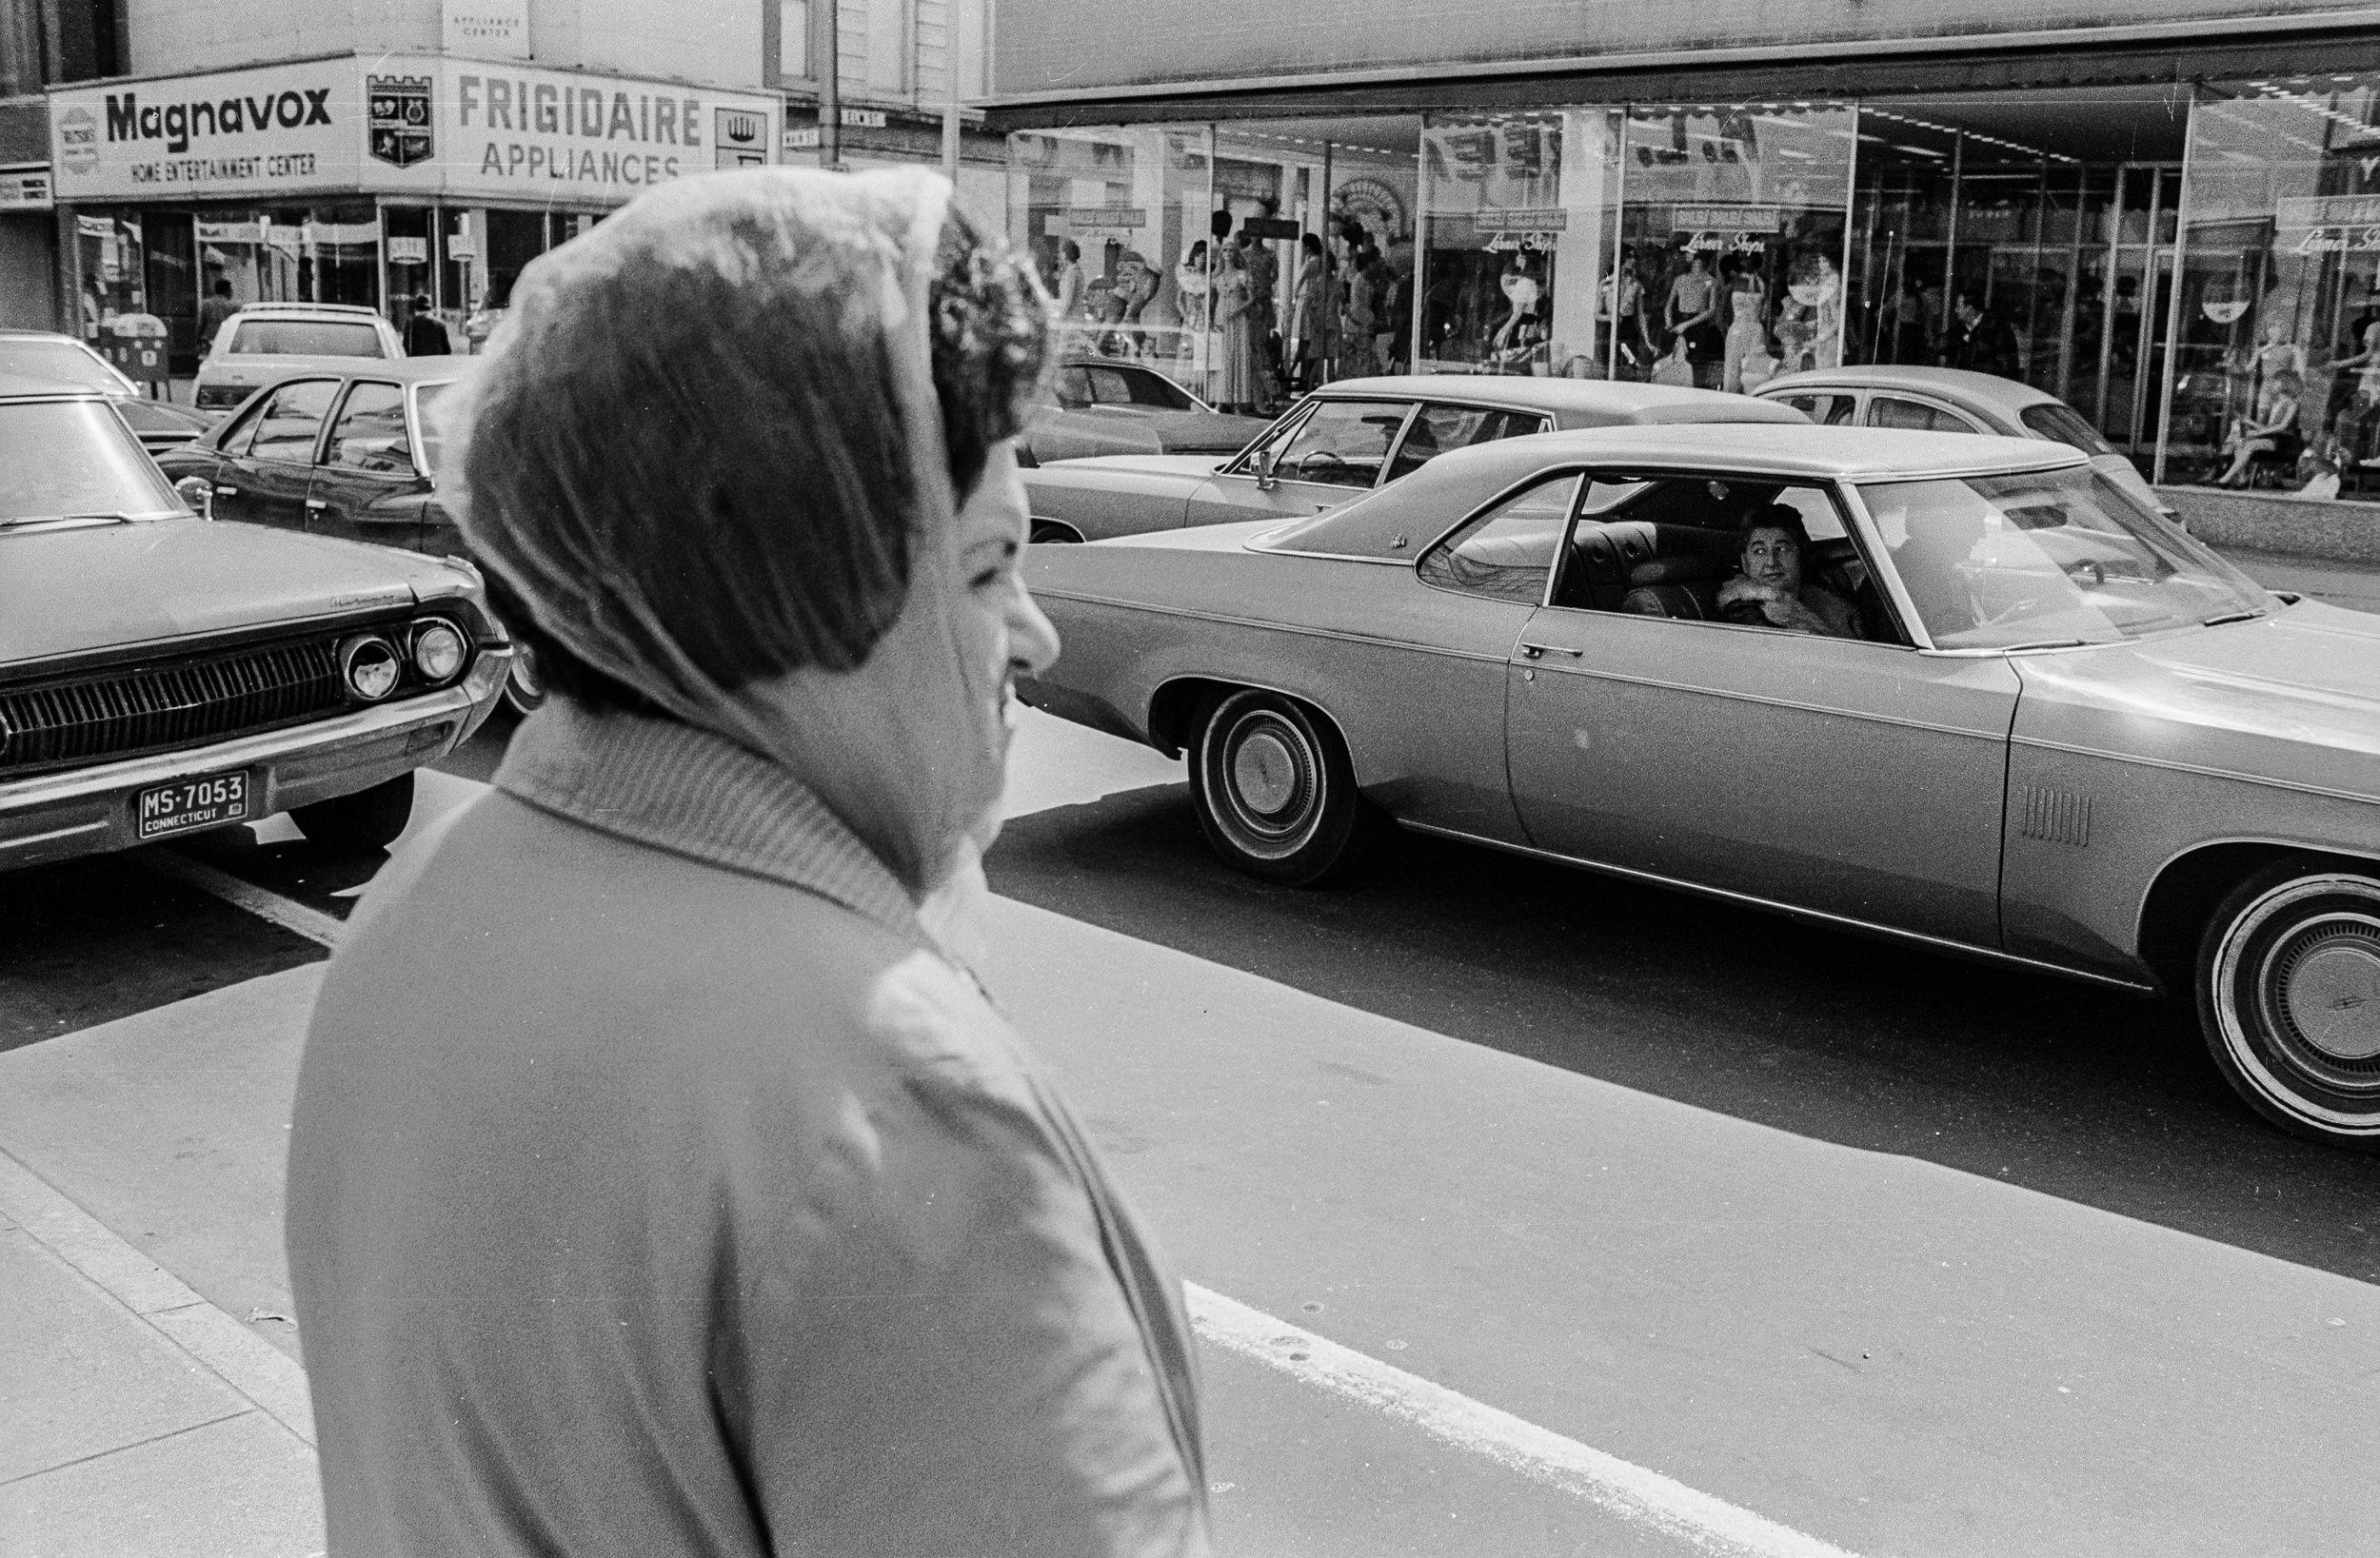 Bridgeport, CT,1973